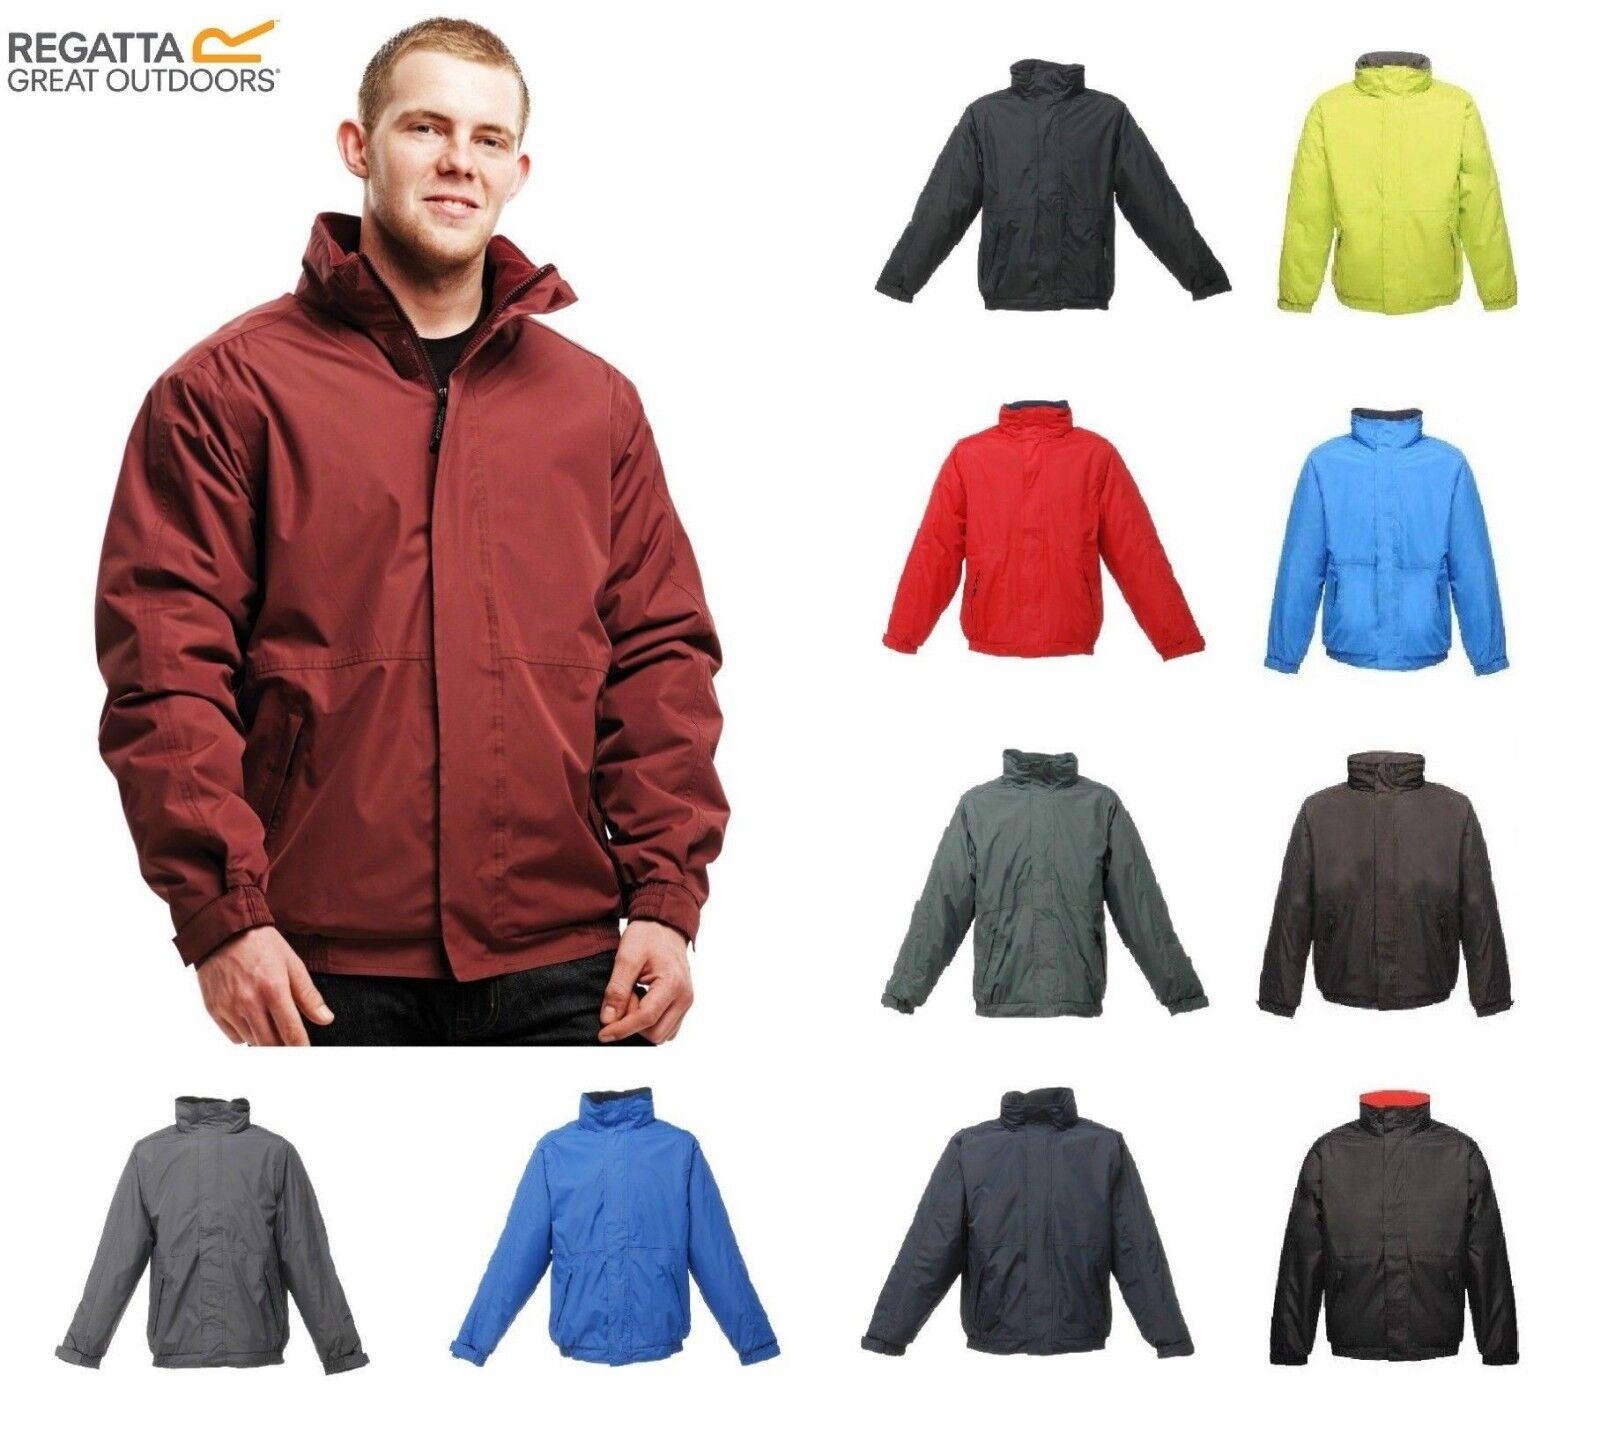 New Regatta Dover Jacket Mens Waterproof Windproof Fleece Lined Hooded Full Zip